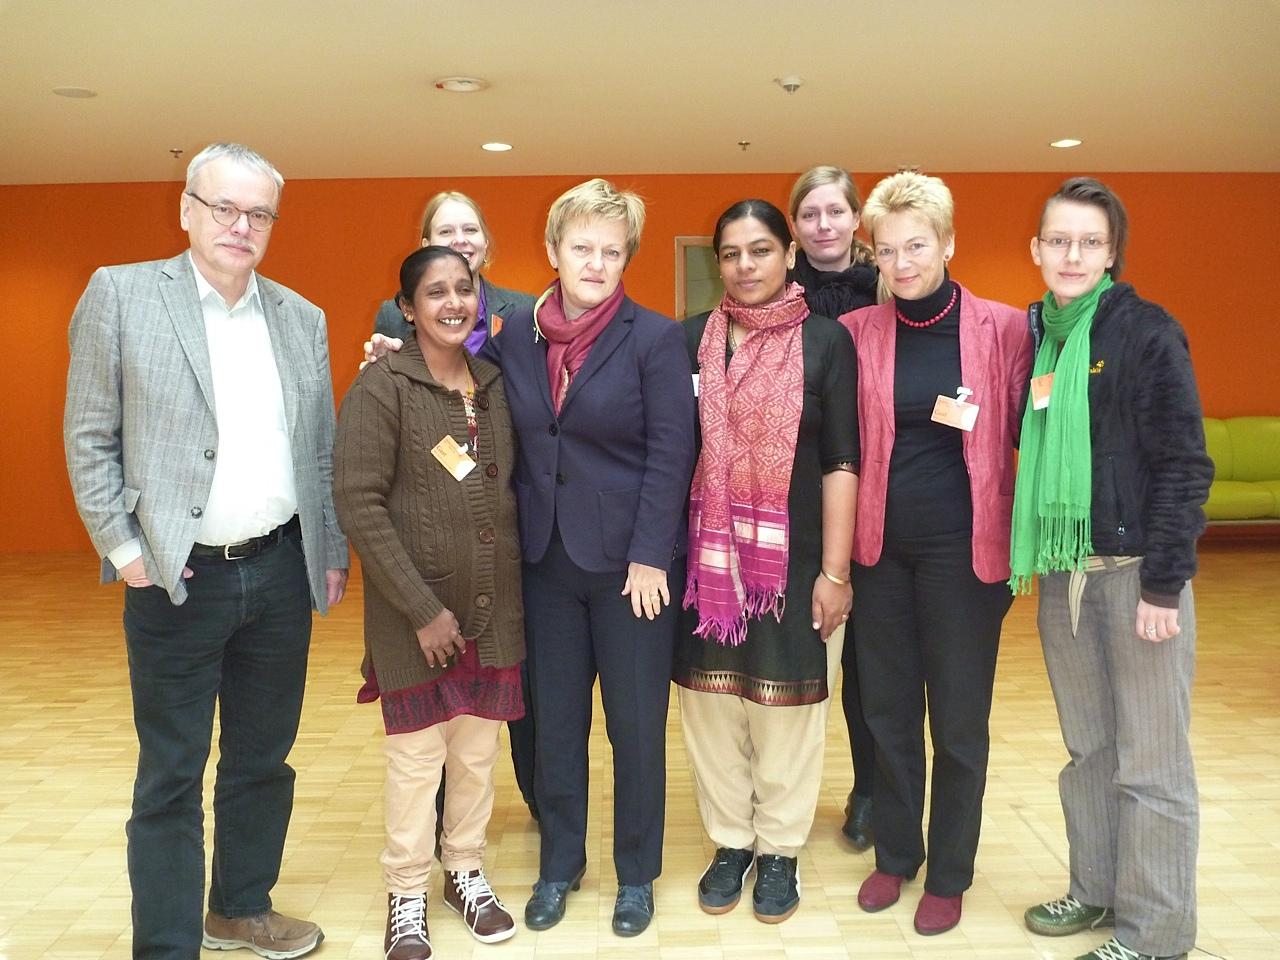 Im Abgeordnetenhaus Berlin: Treffen mit den Abgeordeten Uwe Kekeritz und Renate Künast, beide Bündnis 90/DIE GRÜNEN